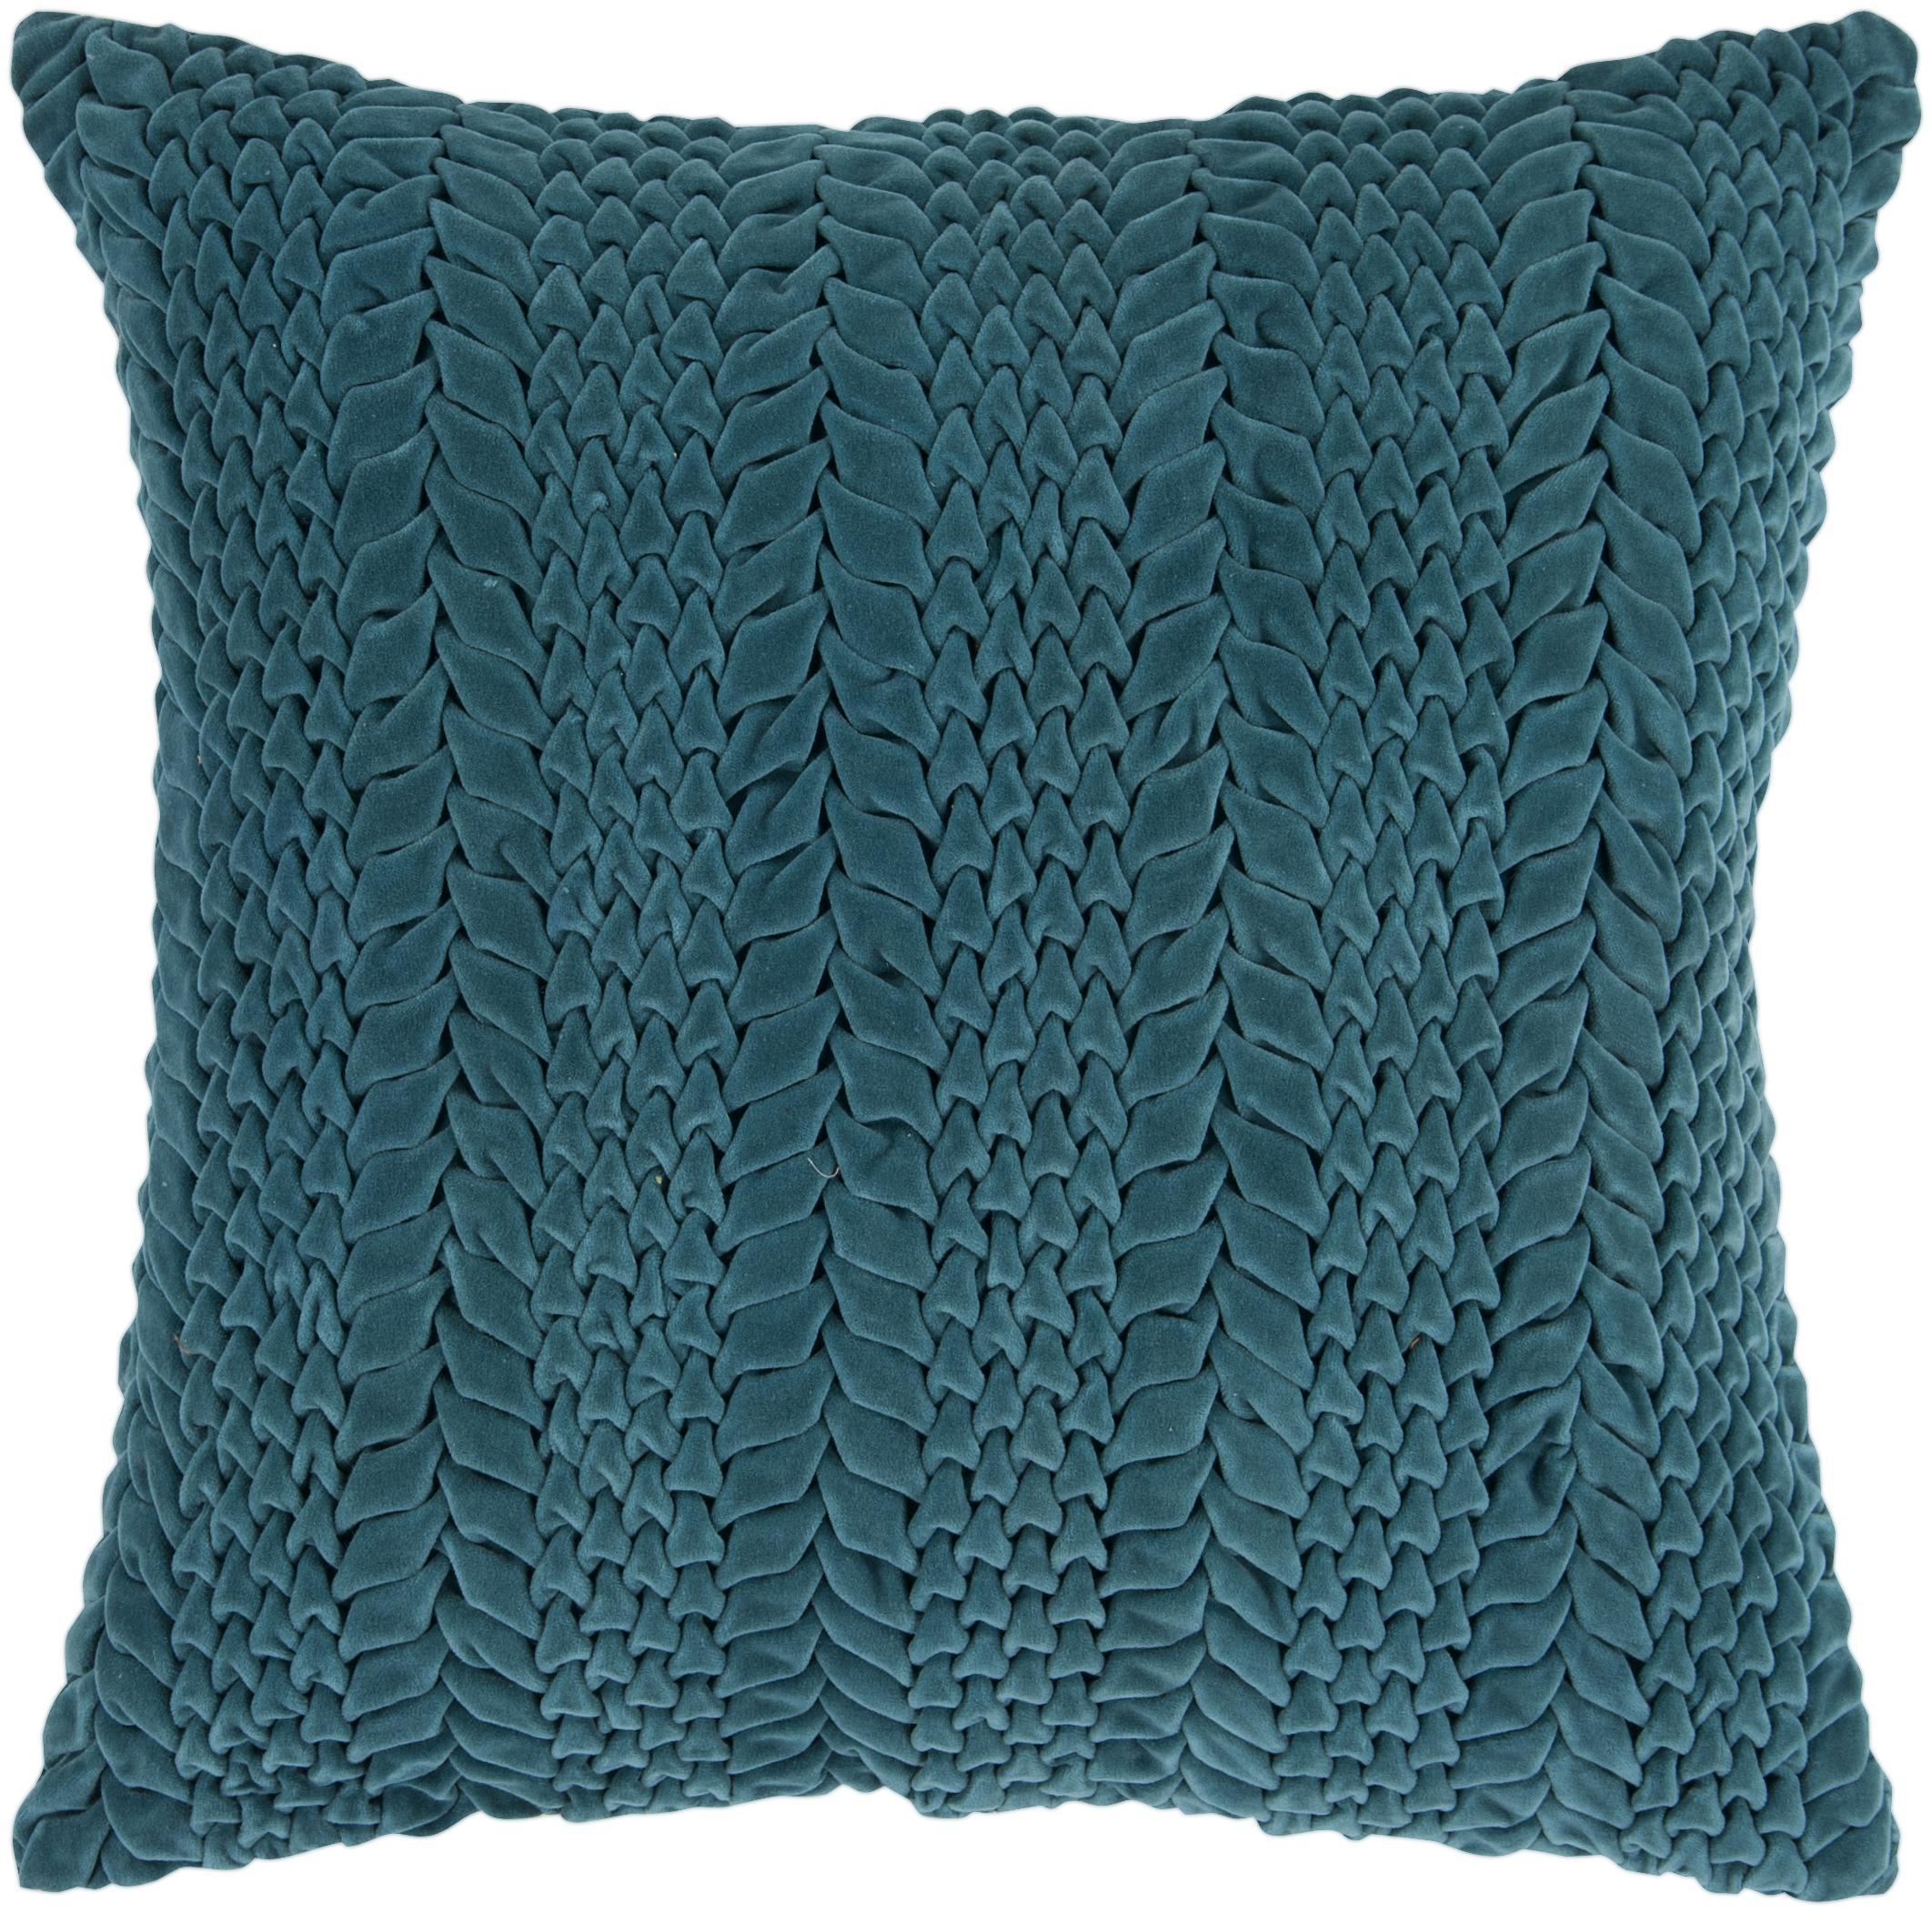 """Surya Pillows 22"""" x 22"""" Pillow - Item Number: P0279-2222P"""